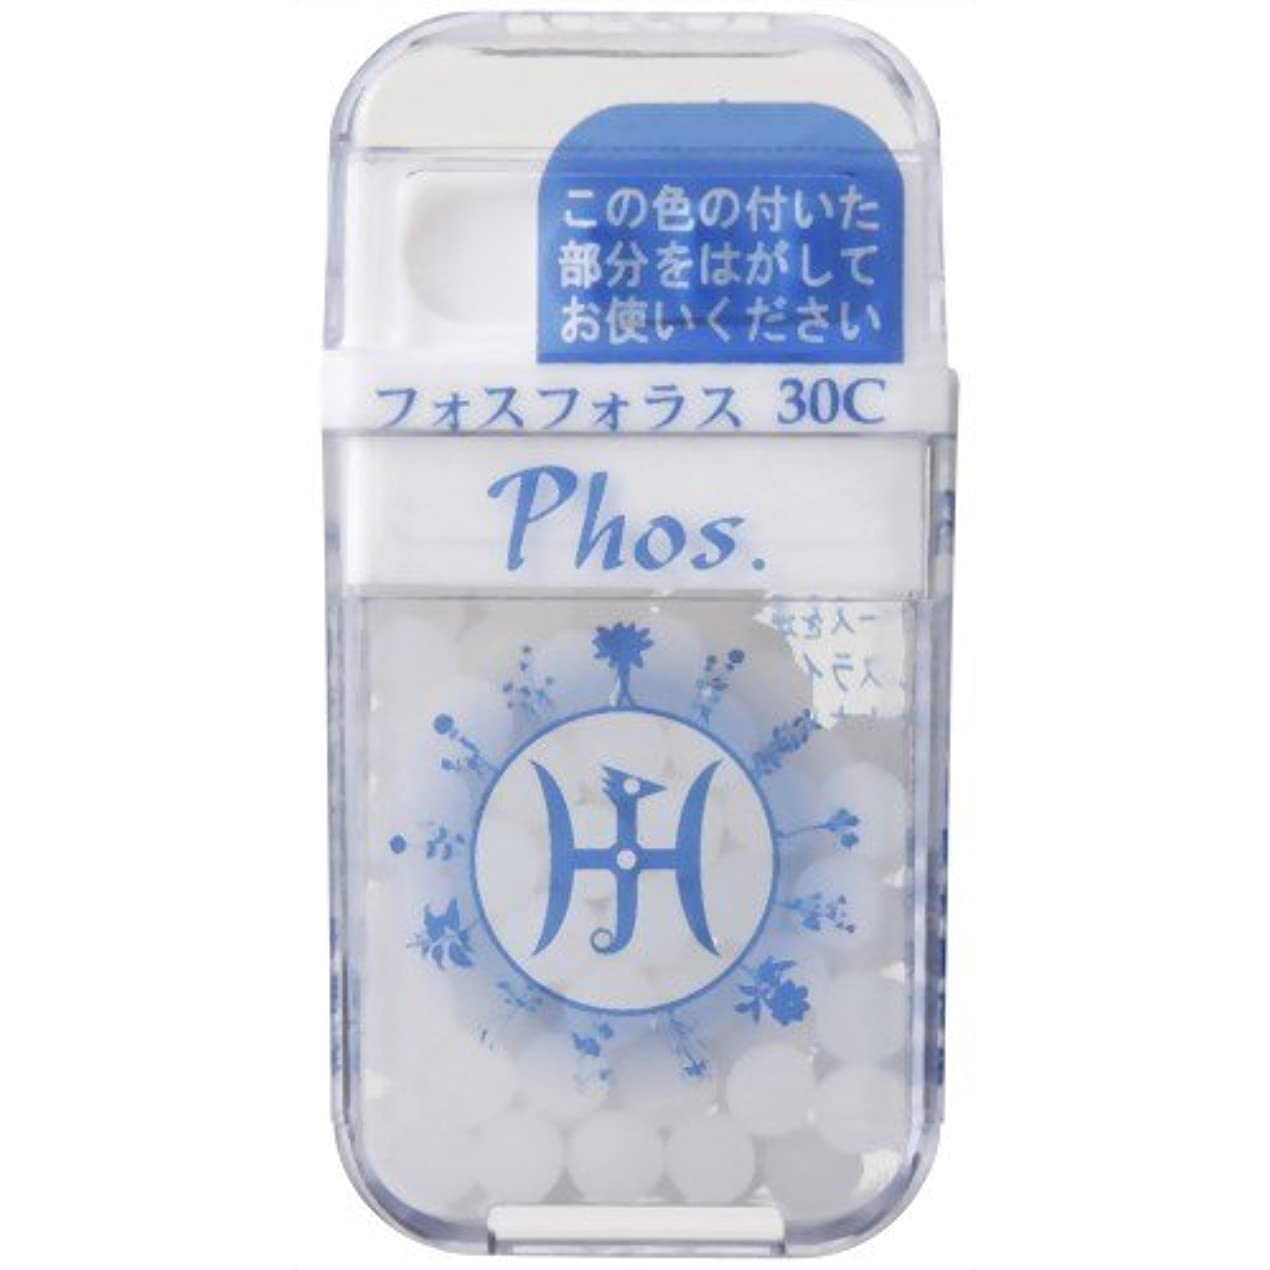 窓を洗う用量時々時々ホメオパシージャパンレメディー Phos.  フォスフォラス 30C (大ビン)